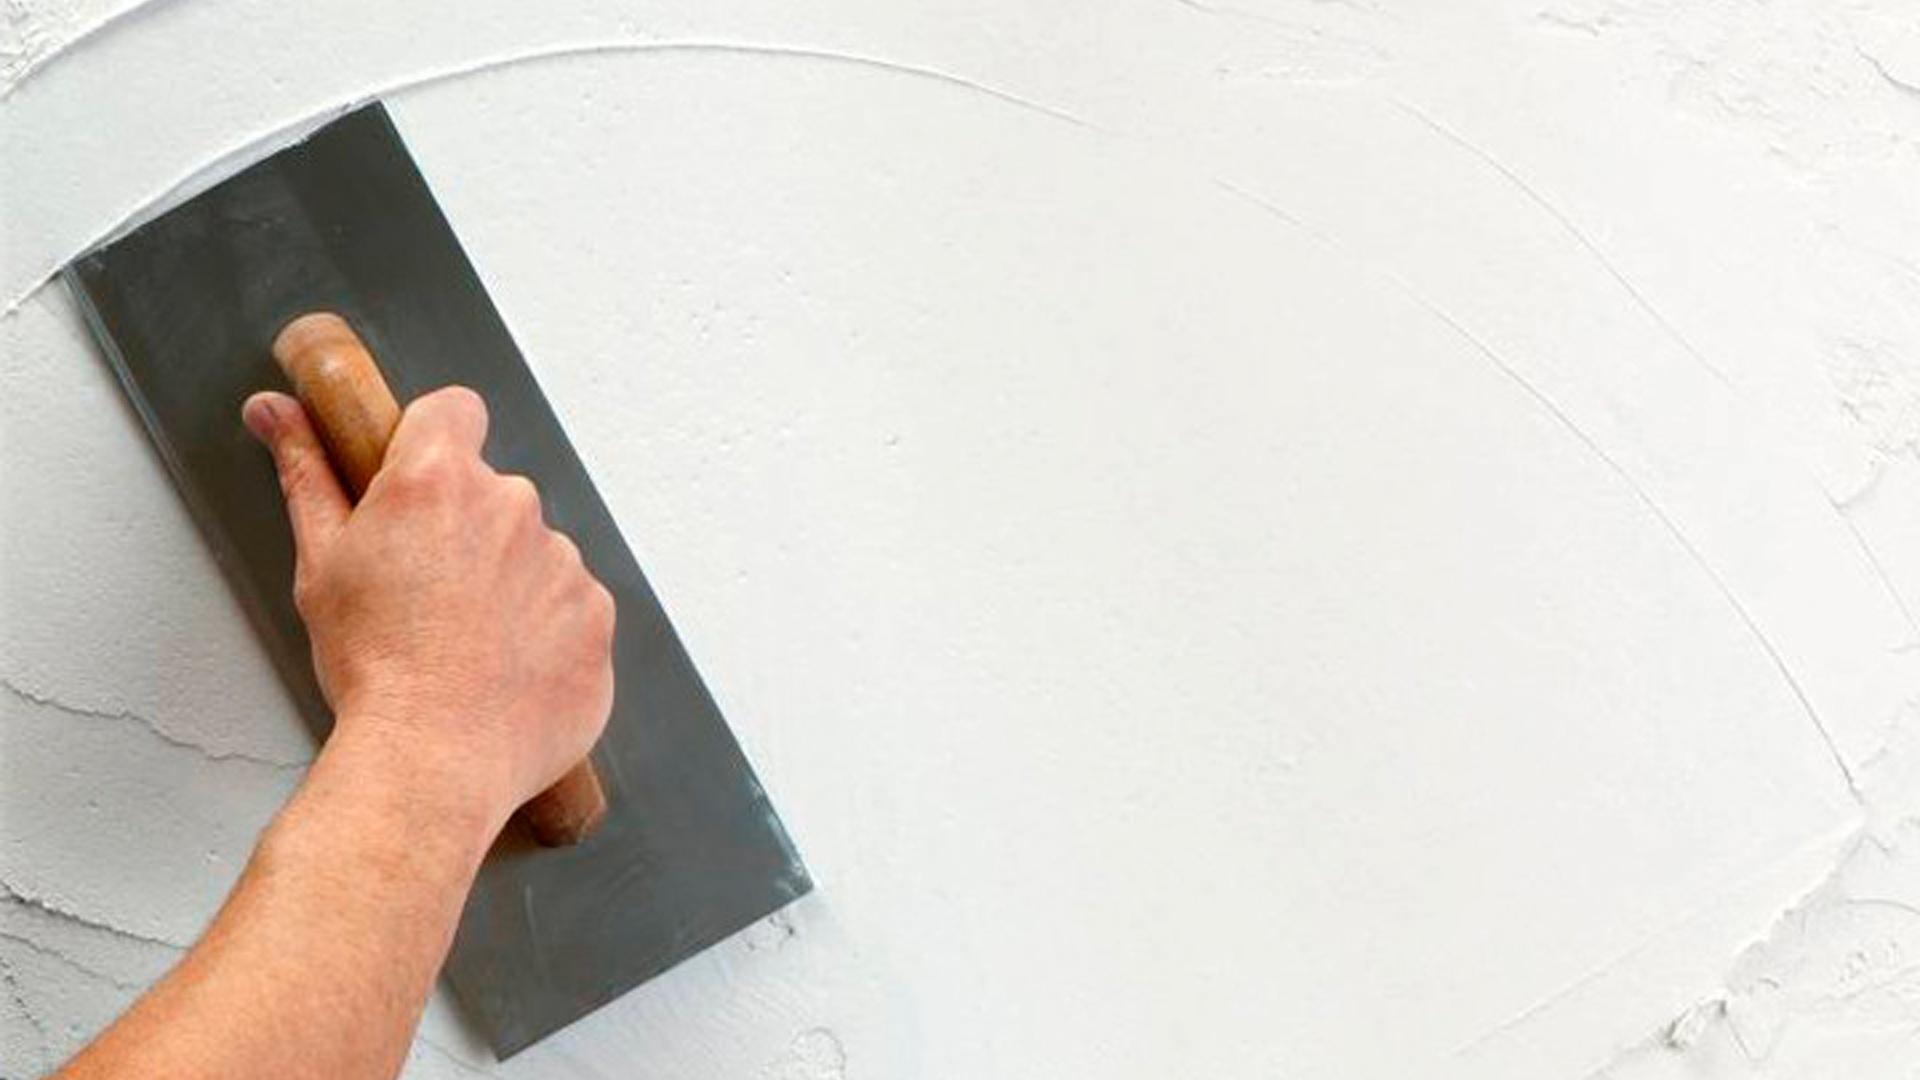 Desempenadeira de Lisa - 26 cm - CORTAG